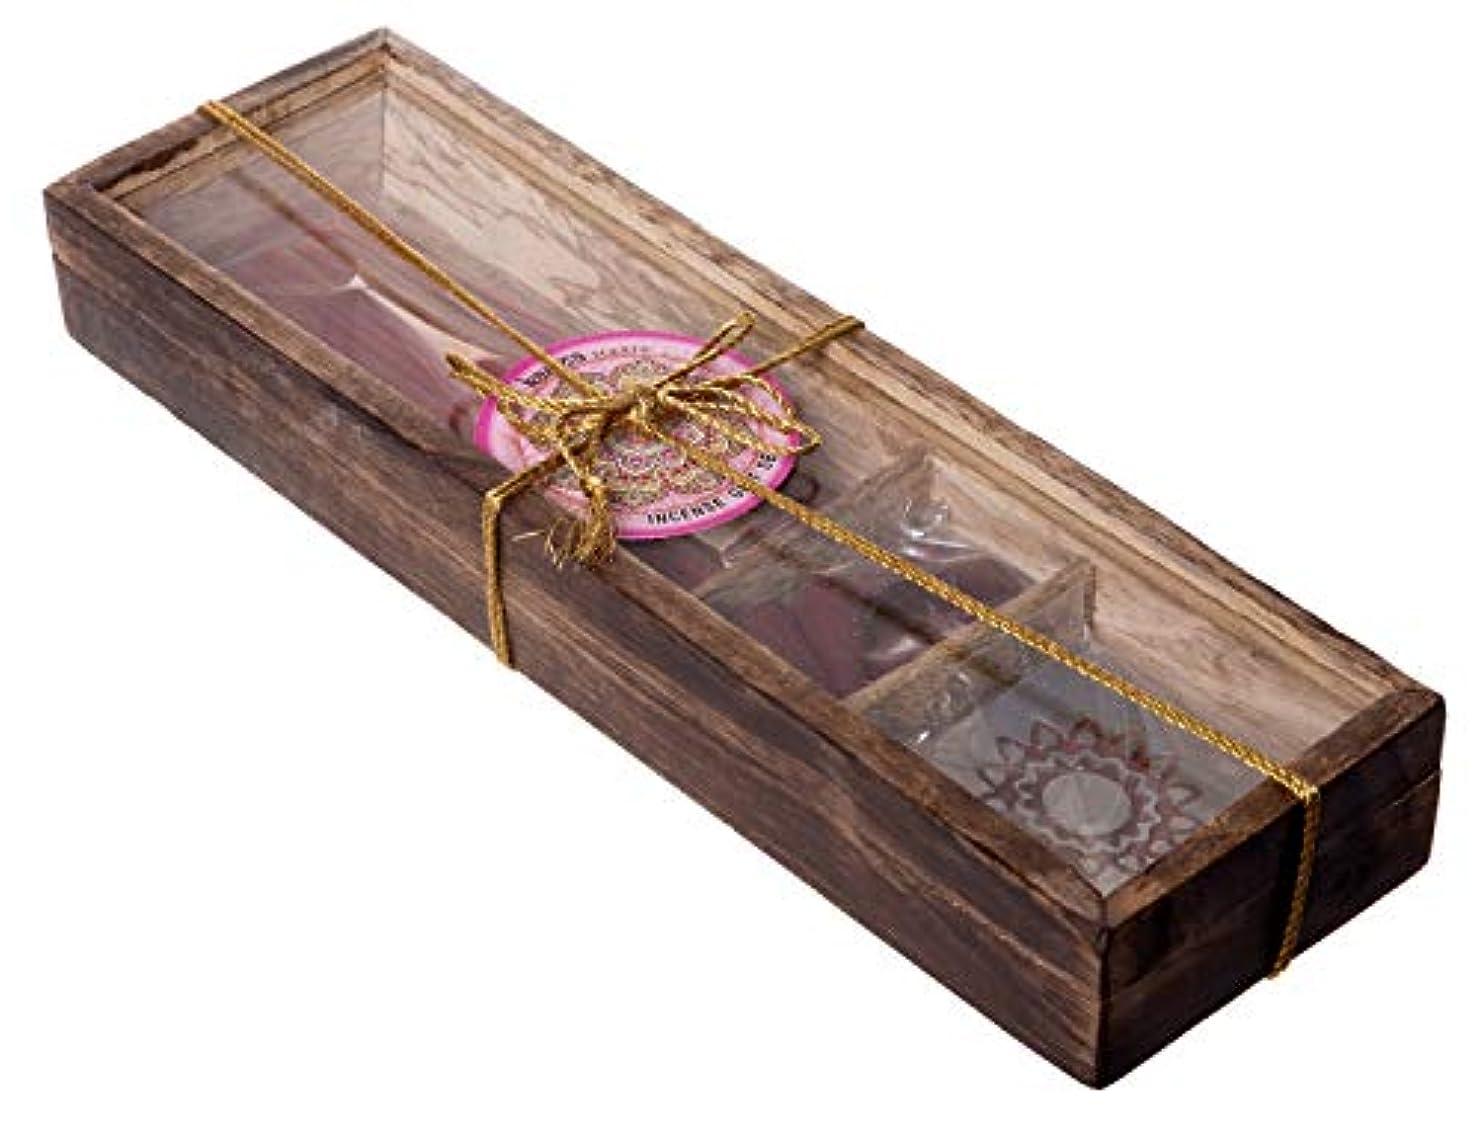 アンドリューハリディヒールホテルKarma Scents プレミアム木製お香ギフトセット – 30本 – コーン10本と香ホルダースタンド